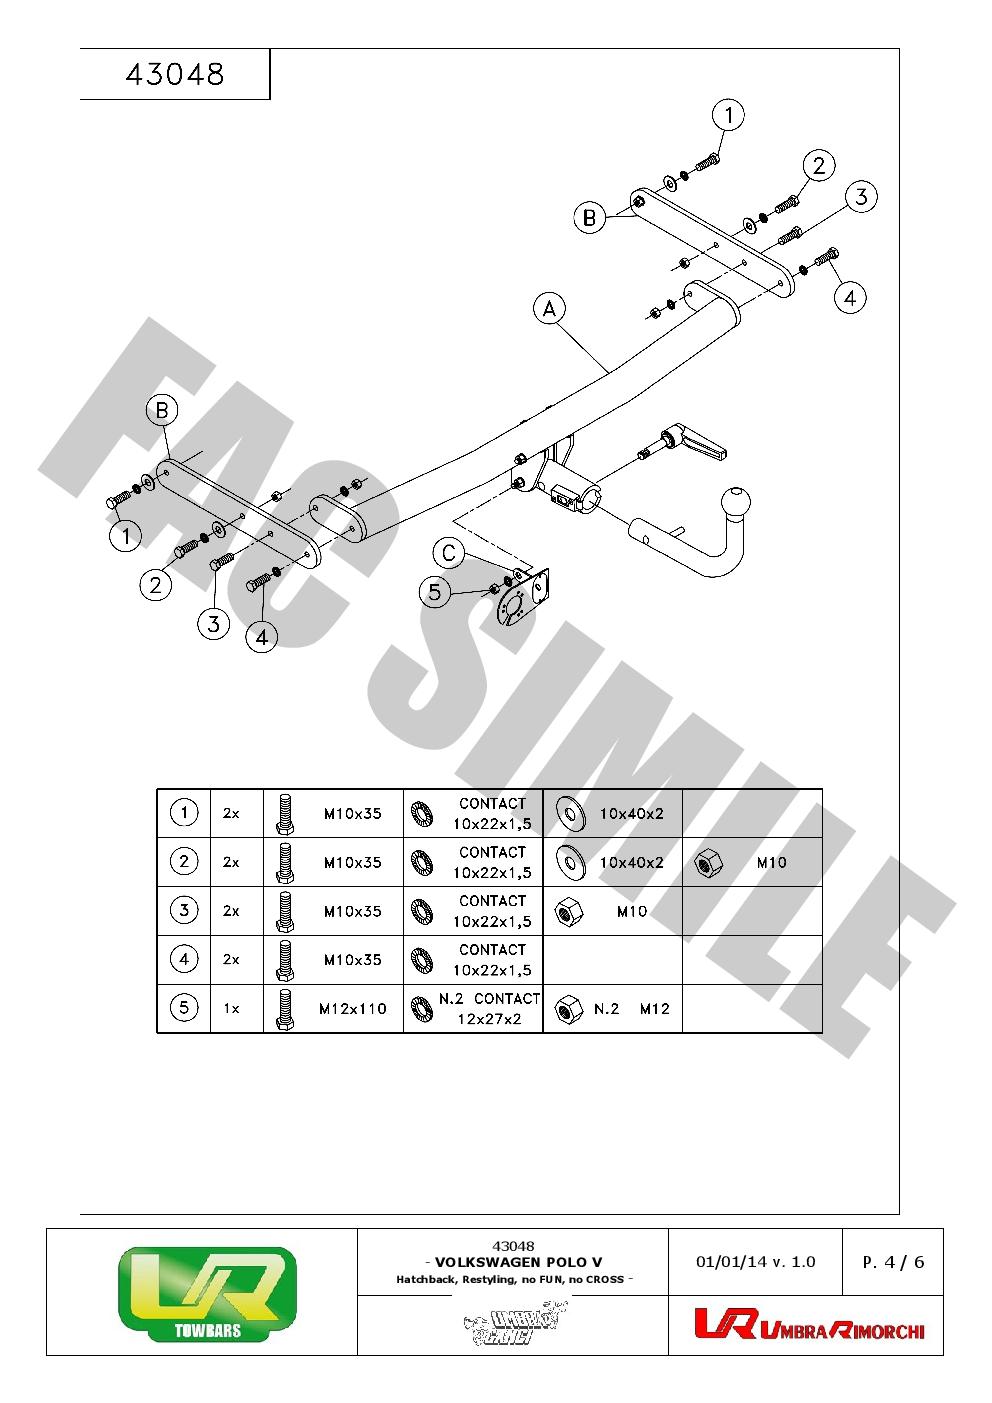 Attelage Démontable 7 Br relais dérivation pour Suzuki ALTO HAYON 02-07 37015/_A1